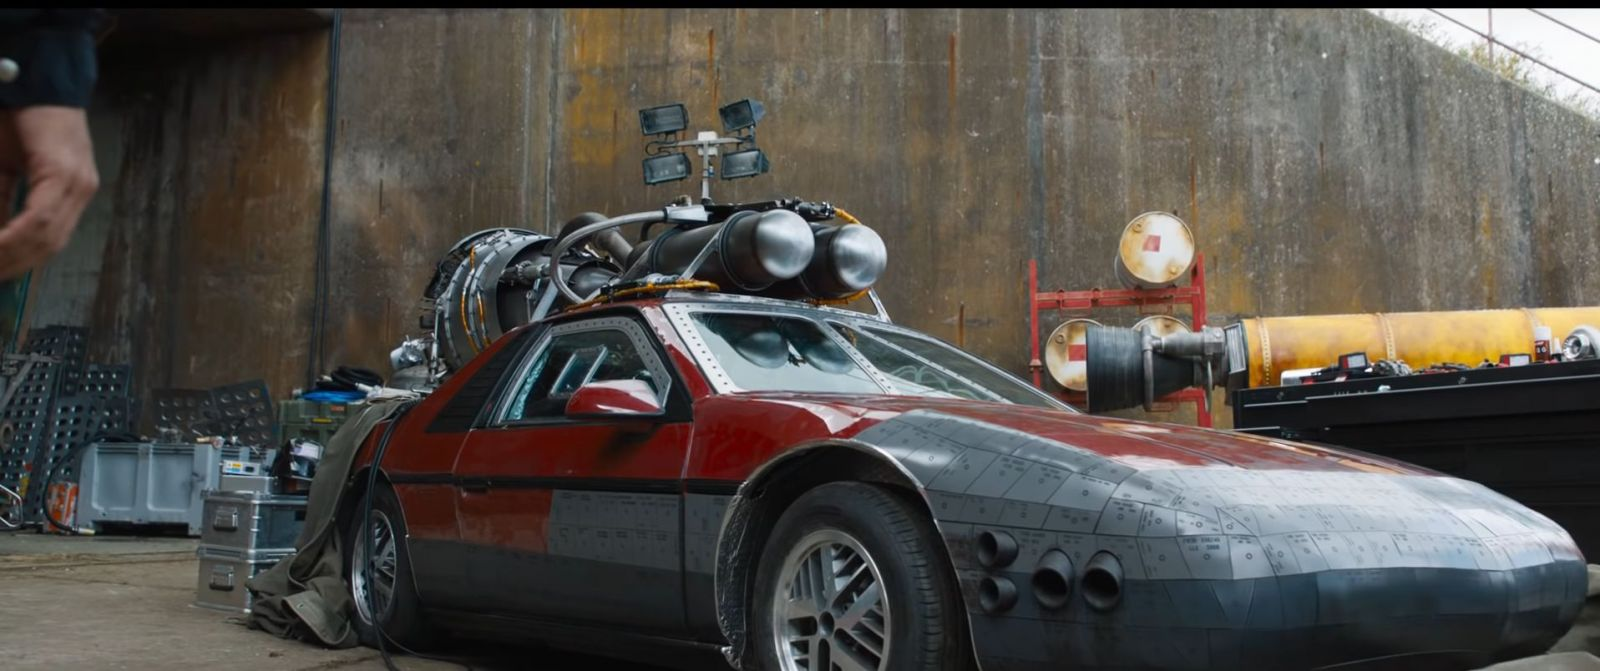 5 najšialenejších momentov z traileru pre Rýchlo a zbesilo 9: Vin Diesel je Superman a autá majú namiesto motorov rakety